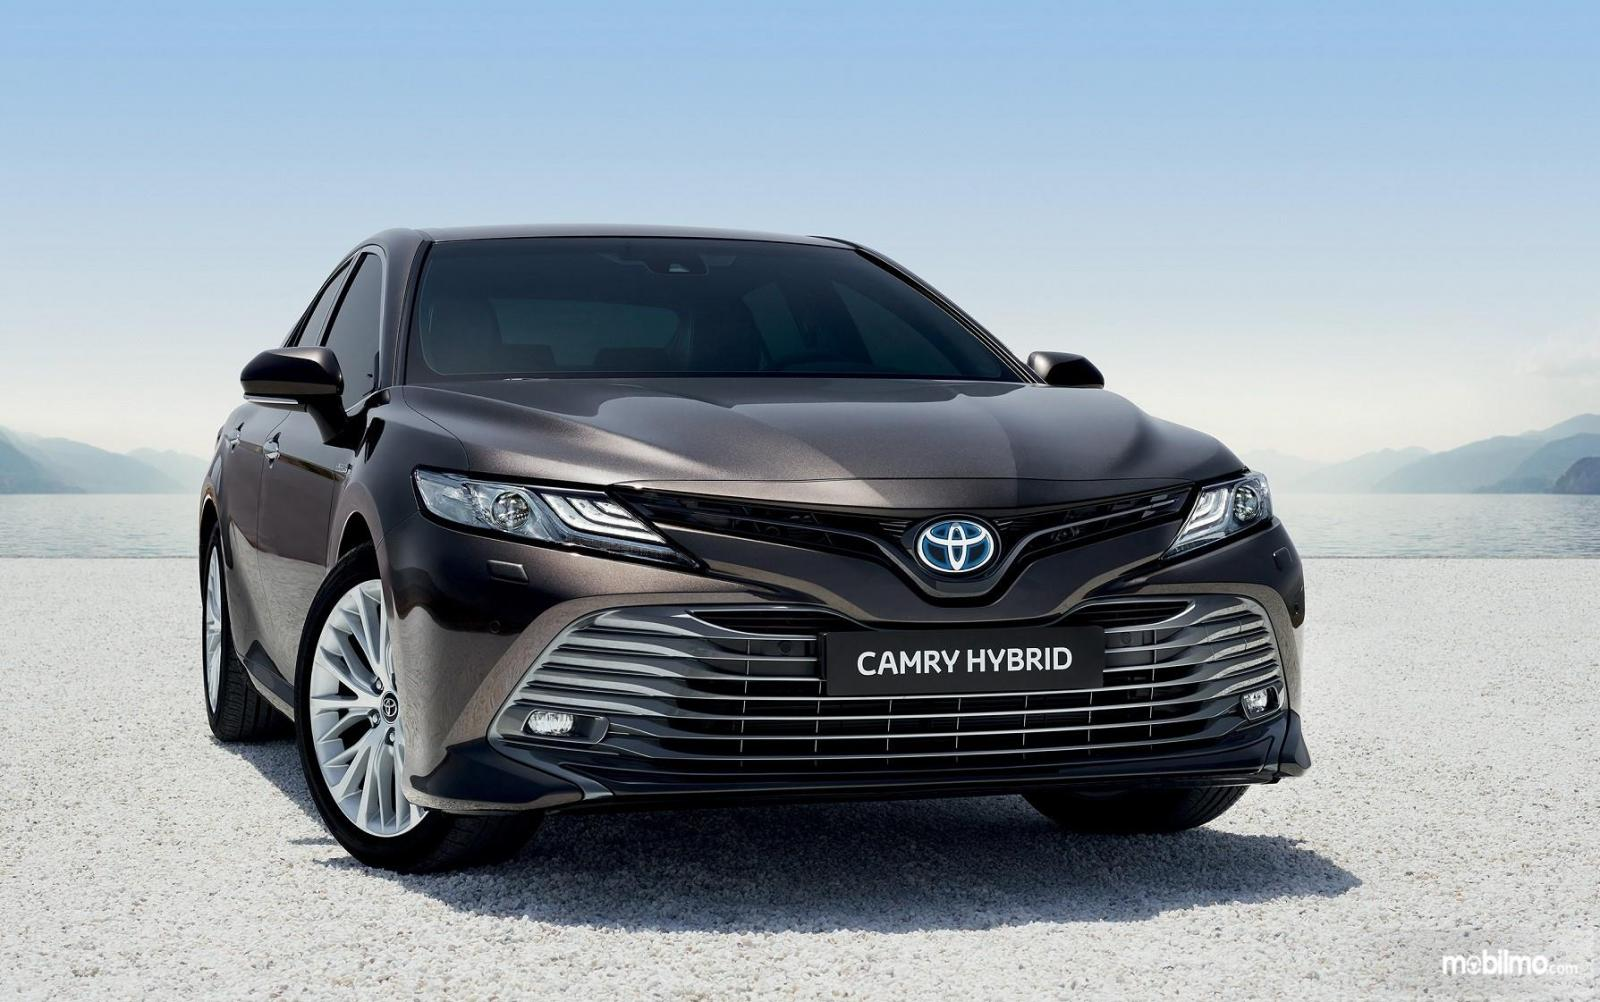 Foto Toyota Camry Hybrid 2019 tampak depan